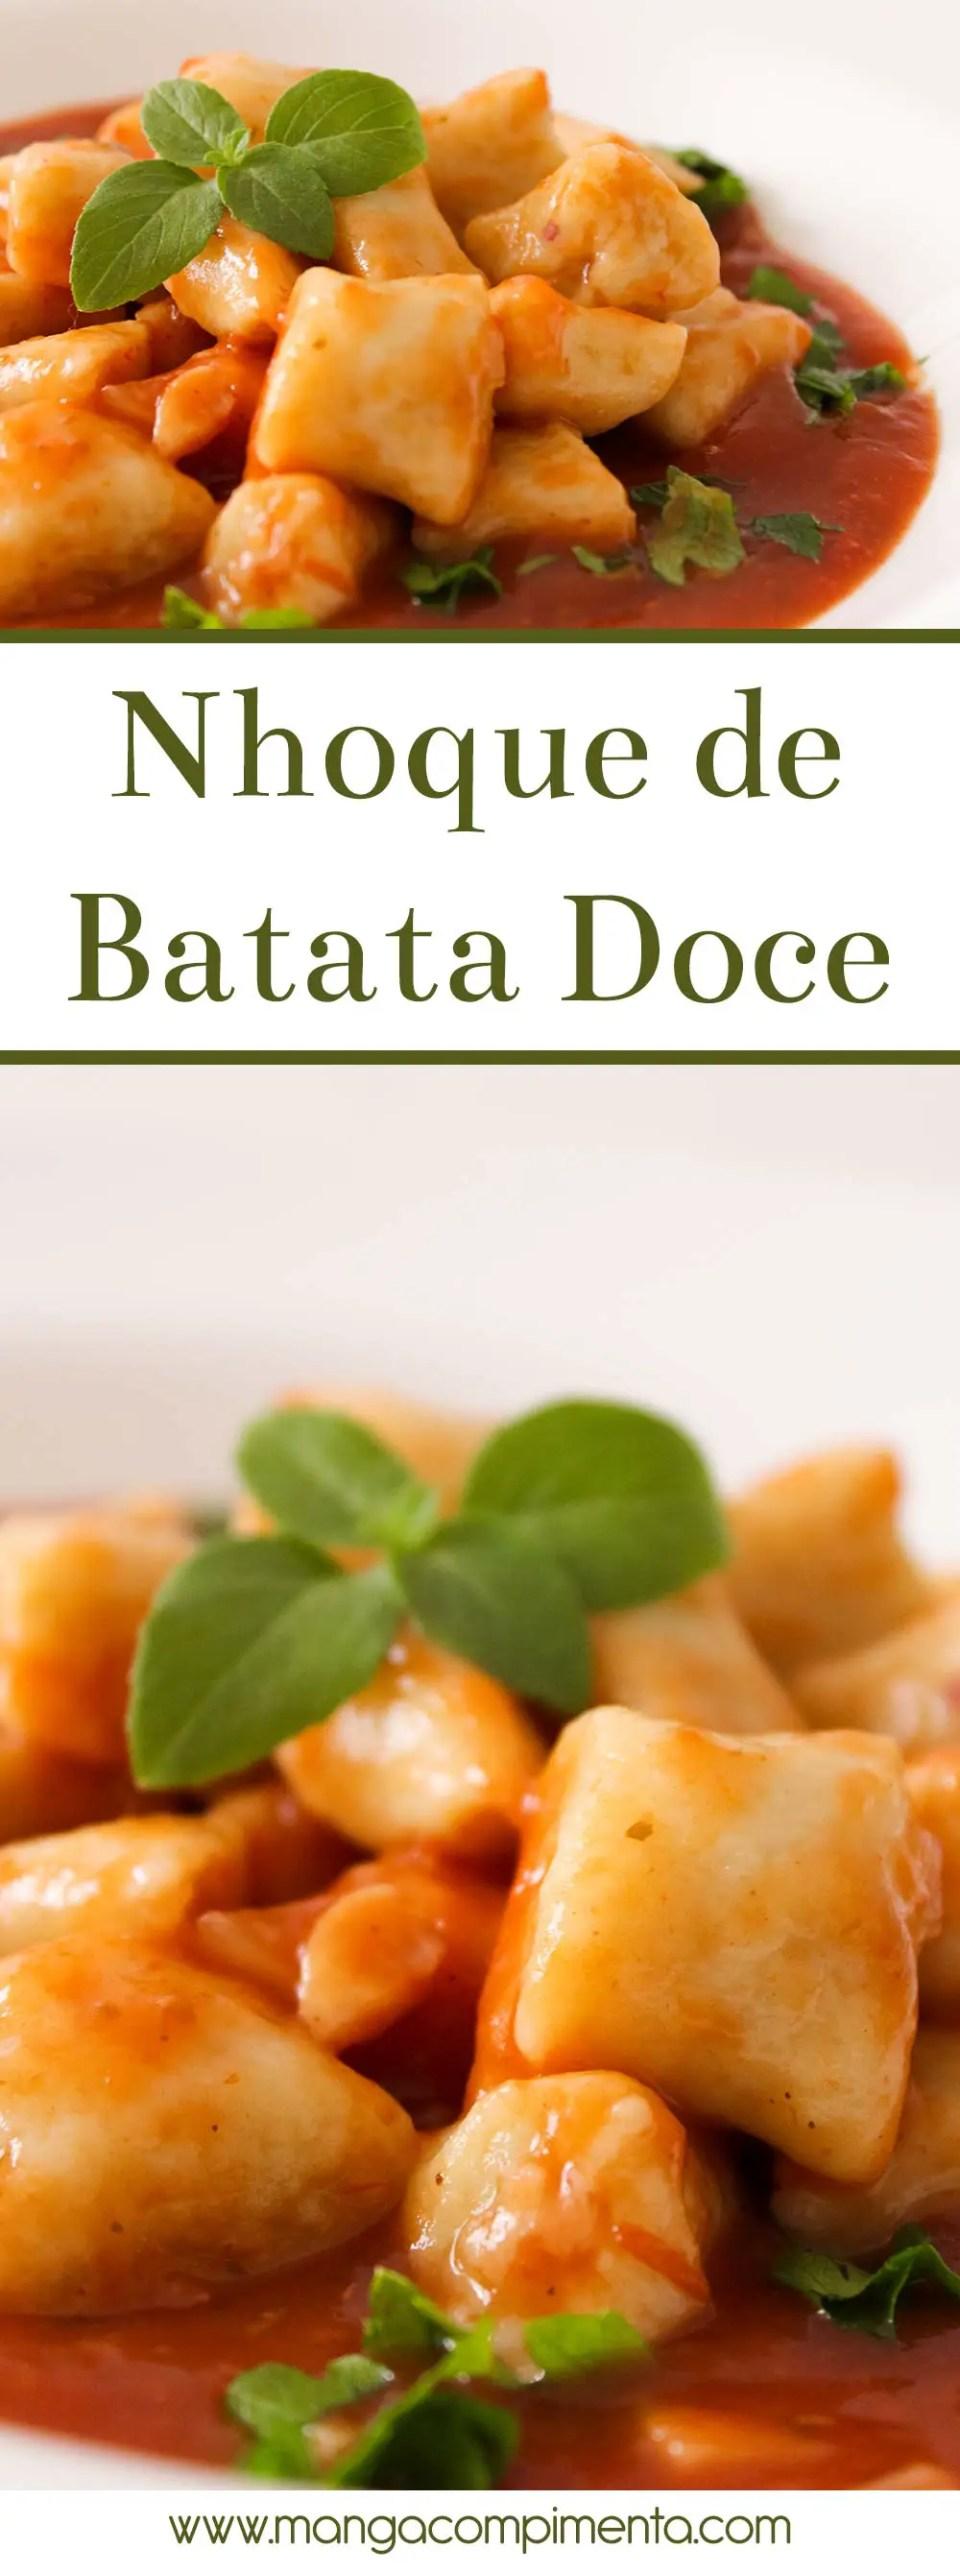 Nhoque de Batata Doce | Almoço de Final de semana em Família!